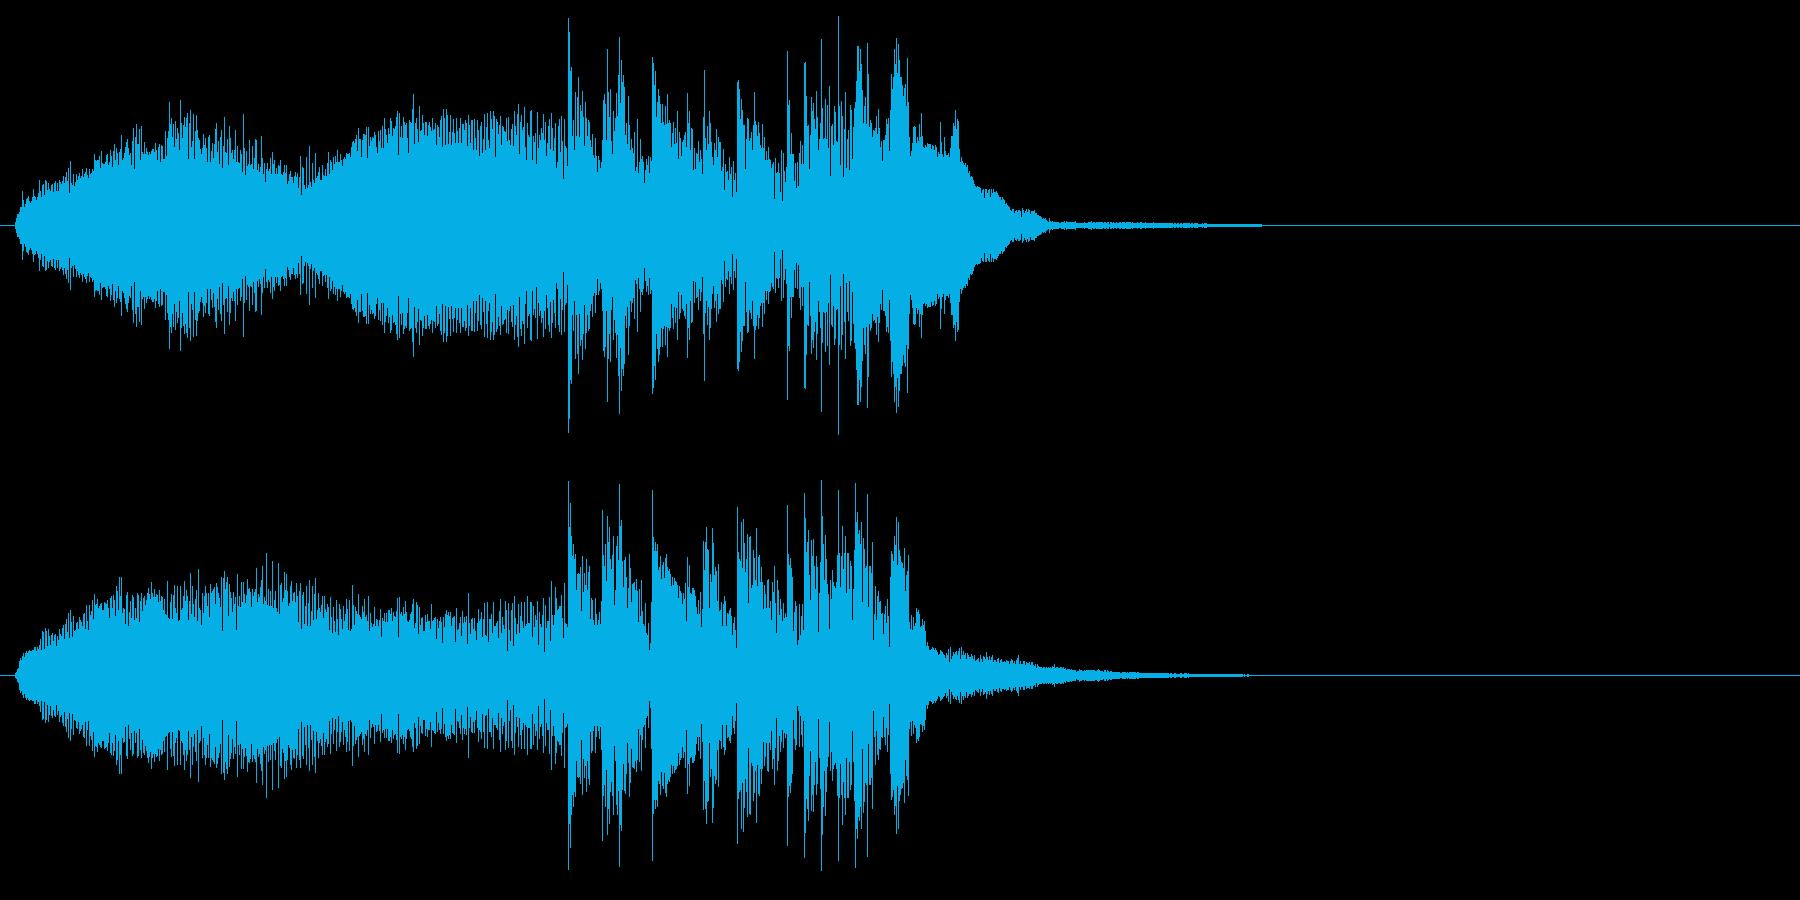 場面転換 クール 機械的 ニュースの再生済みの波形